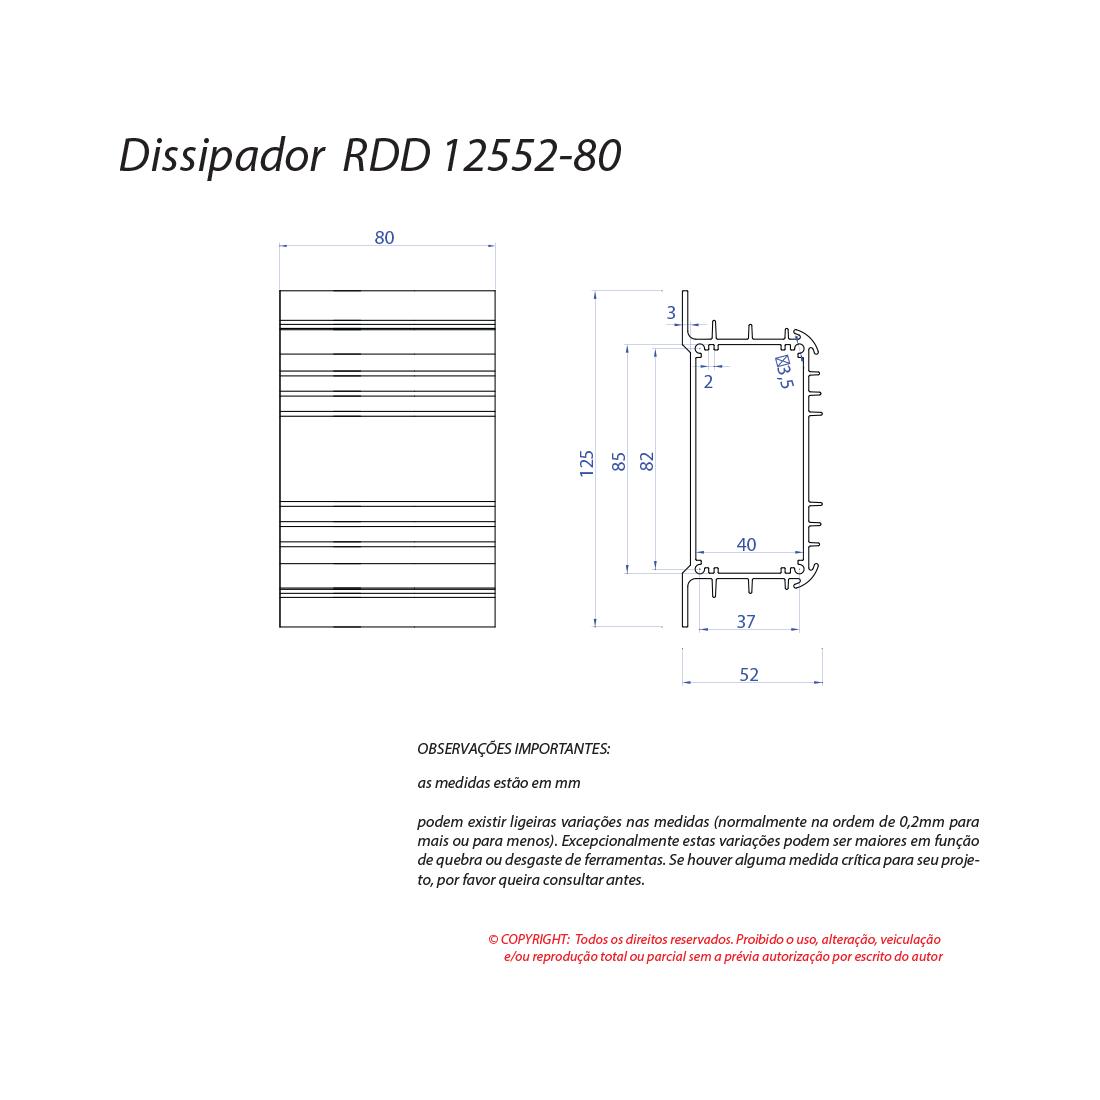 Dissipador de calor RDD 12552-80